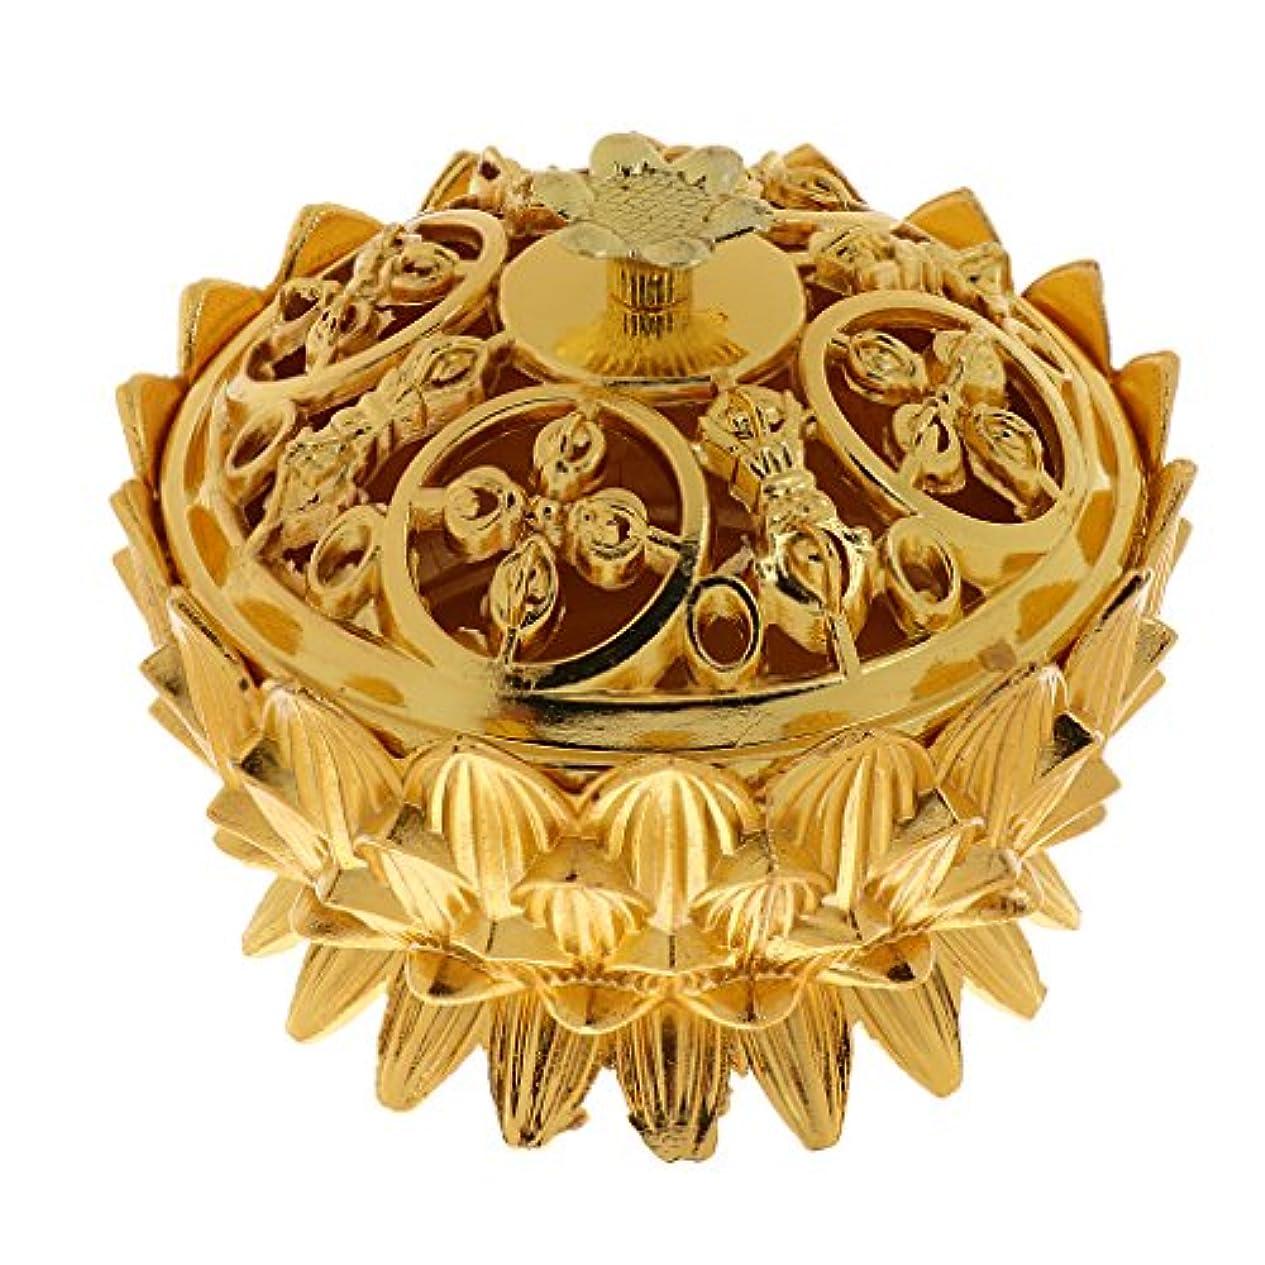 祝うジョットディボンドン正統派仏教 チベット 蓮 香りバーナー 香炉 金属 工芸品 家 装飾 全3選択 - #3